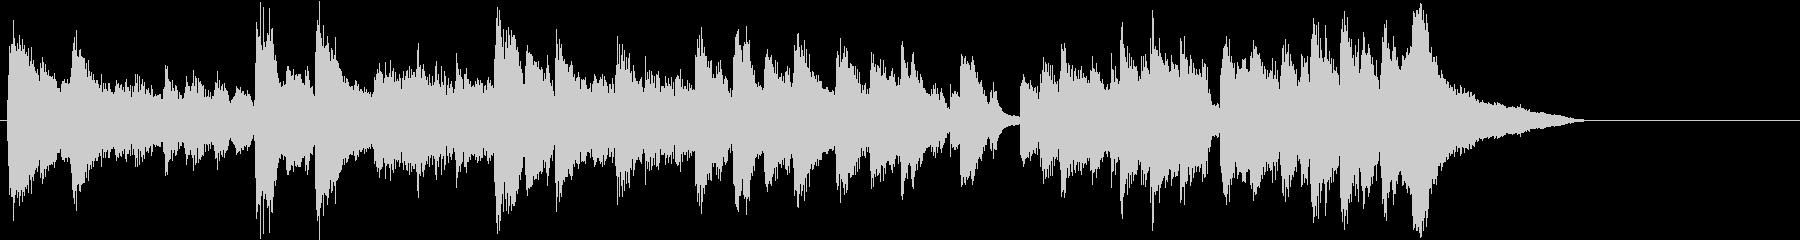 翔け抜けるアップテンポのピアノジングルの未再生の波形